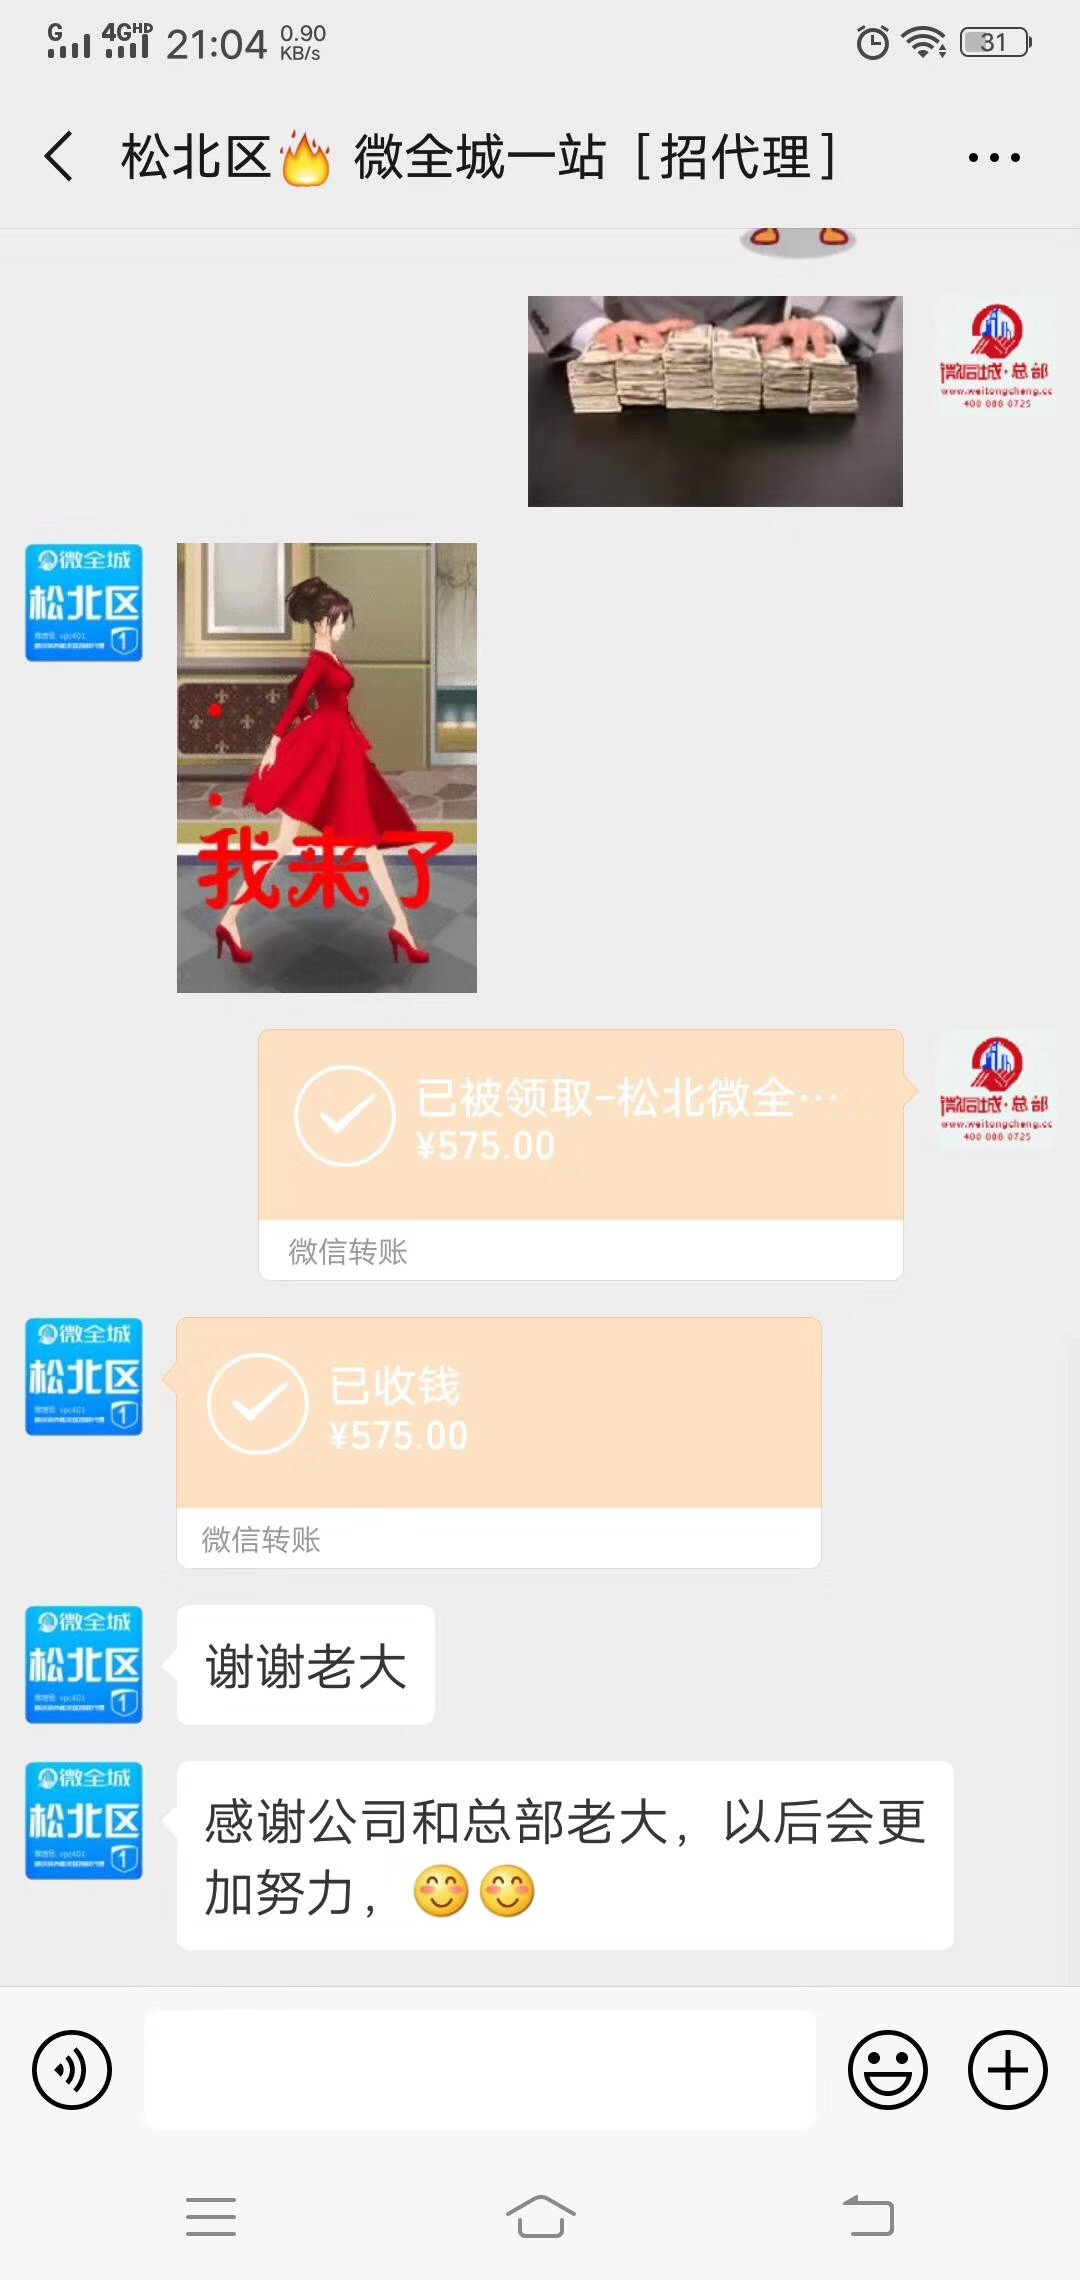 【赚575元】松北微全城微帮一站广告佣金